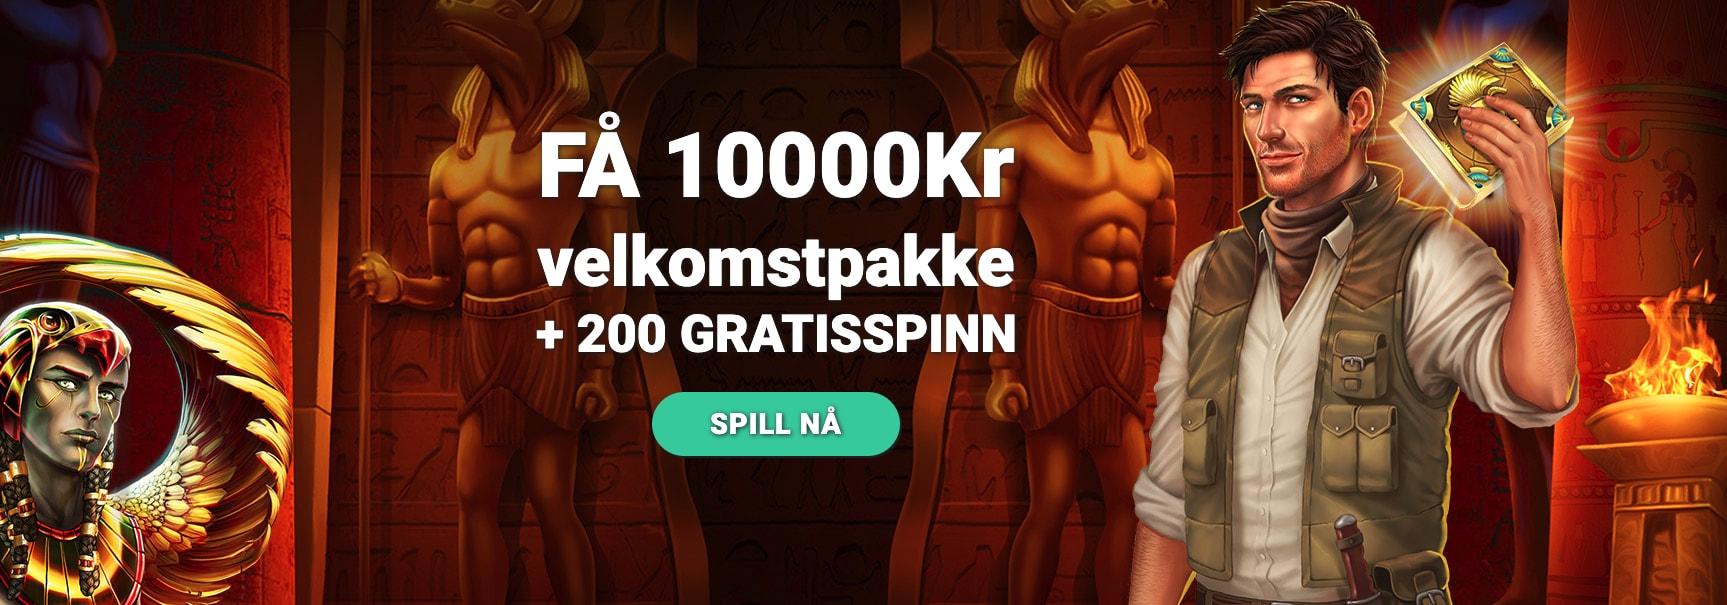 slotanza norge casino